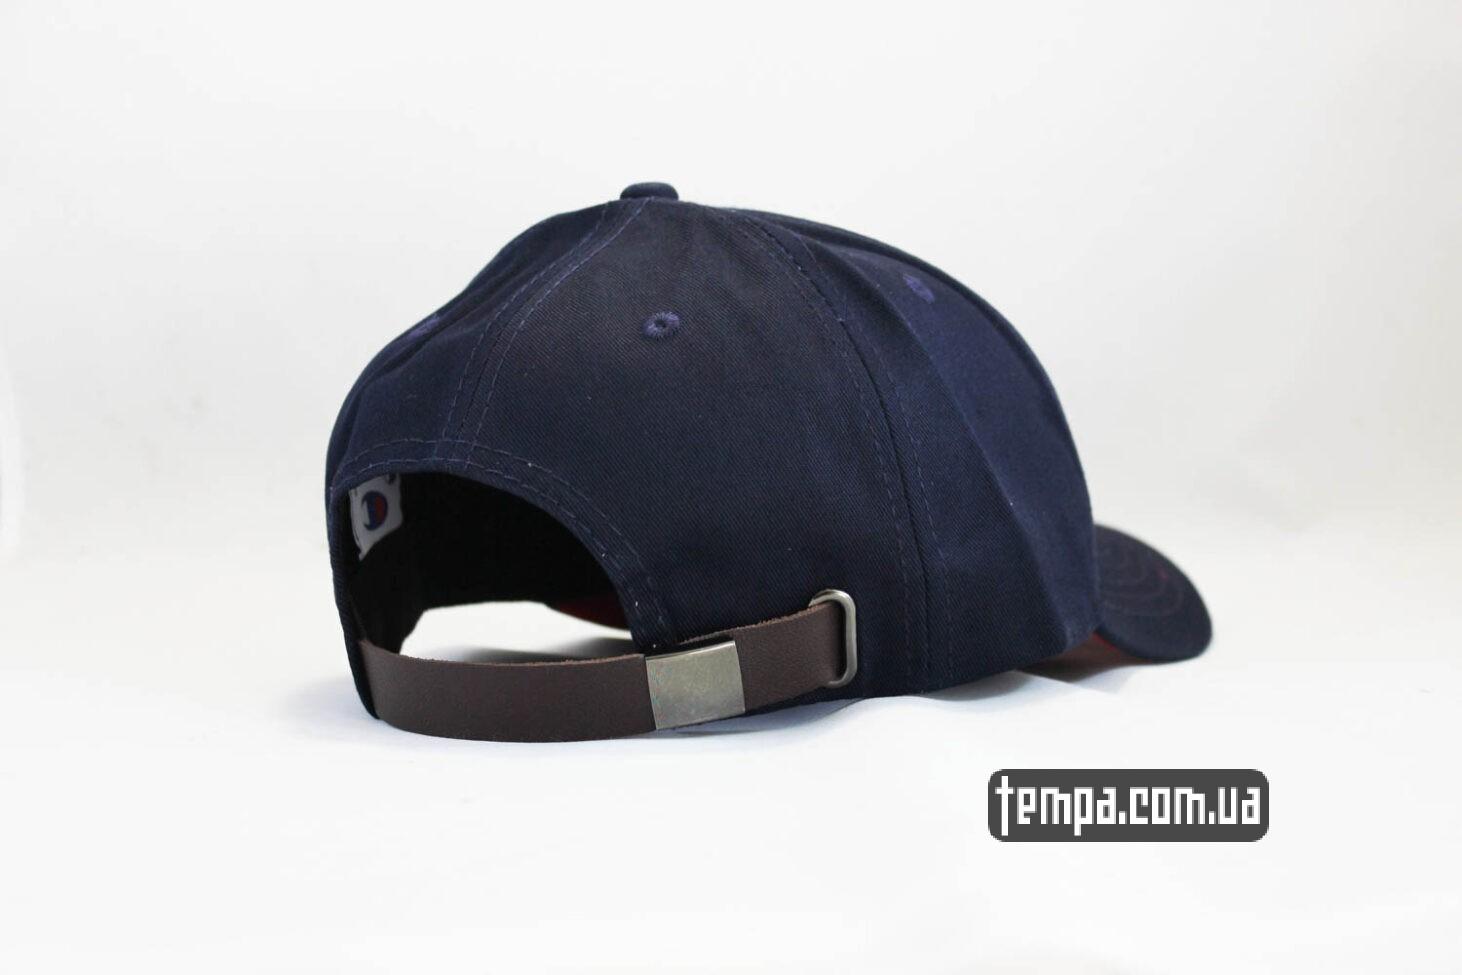 чемпион одежда Укаина кепка Champion snapback синяя с красны ободом-2